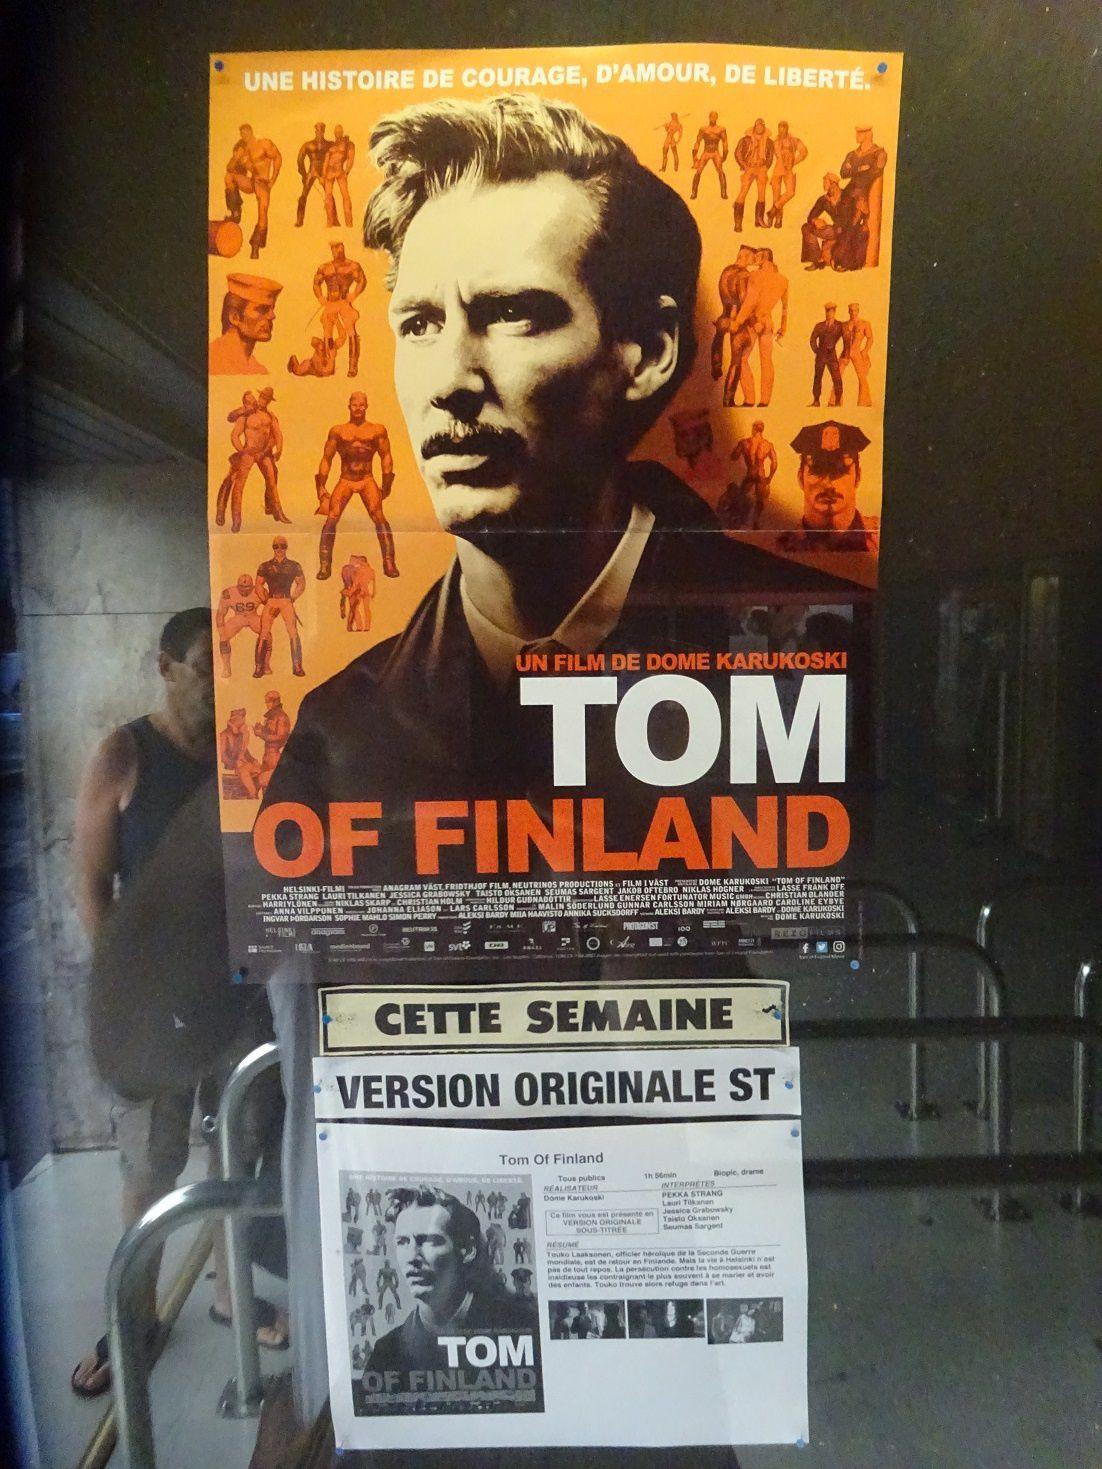 « Tom of Finland » de Dome Karukoski - Cinéma Rialto - Nice ©Théodore Charles/un-culte-d-art.overblog.com